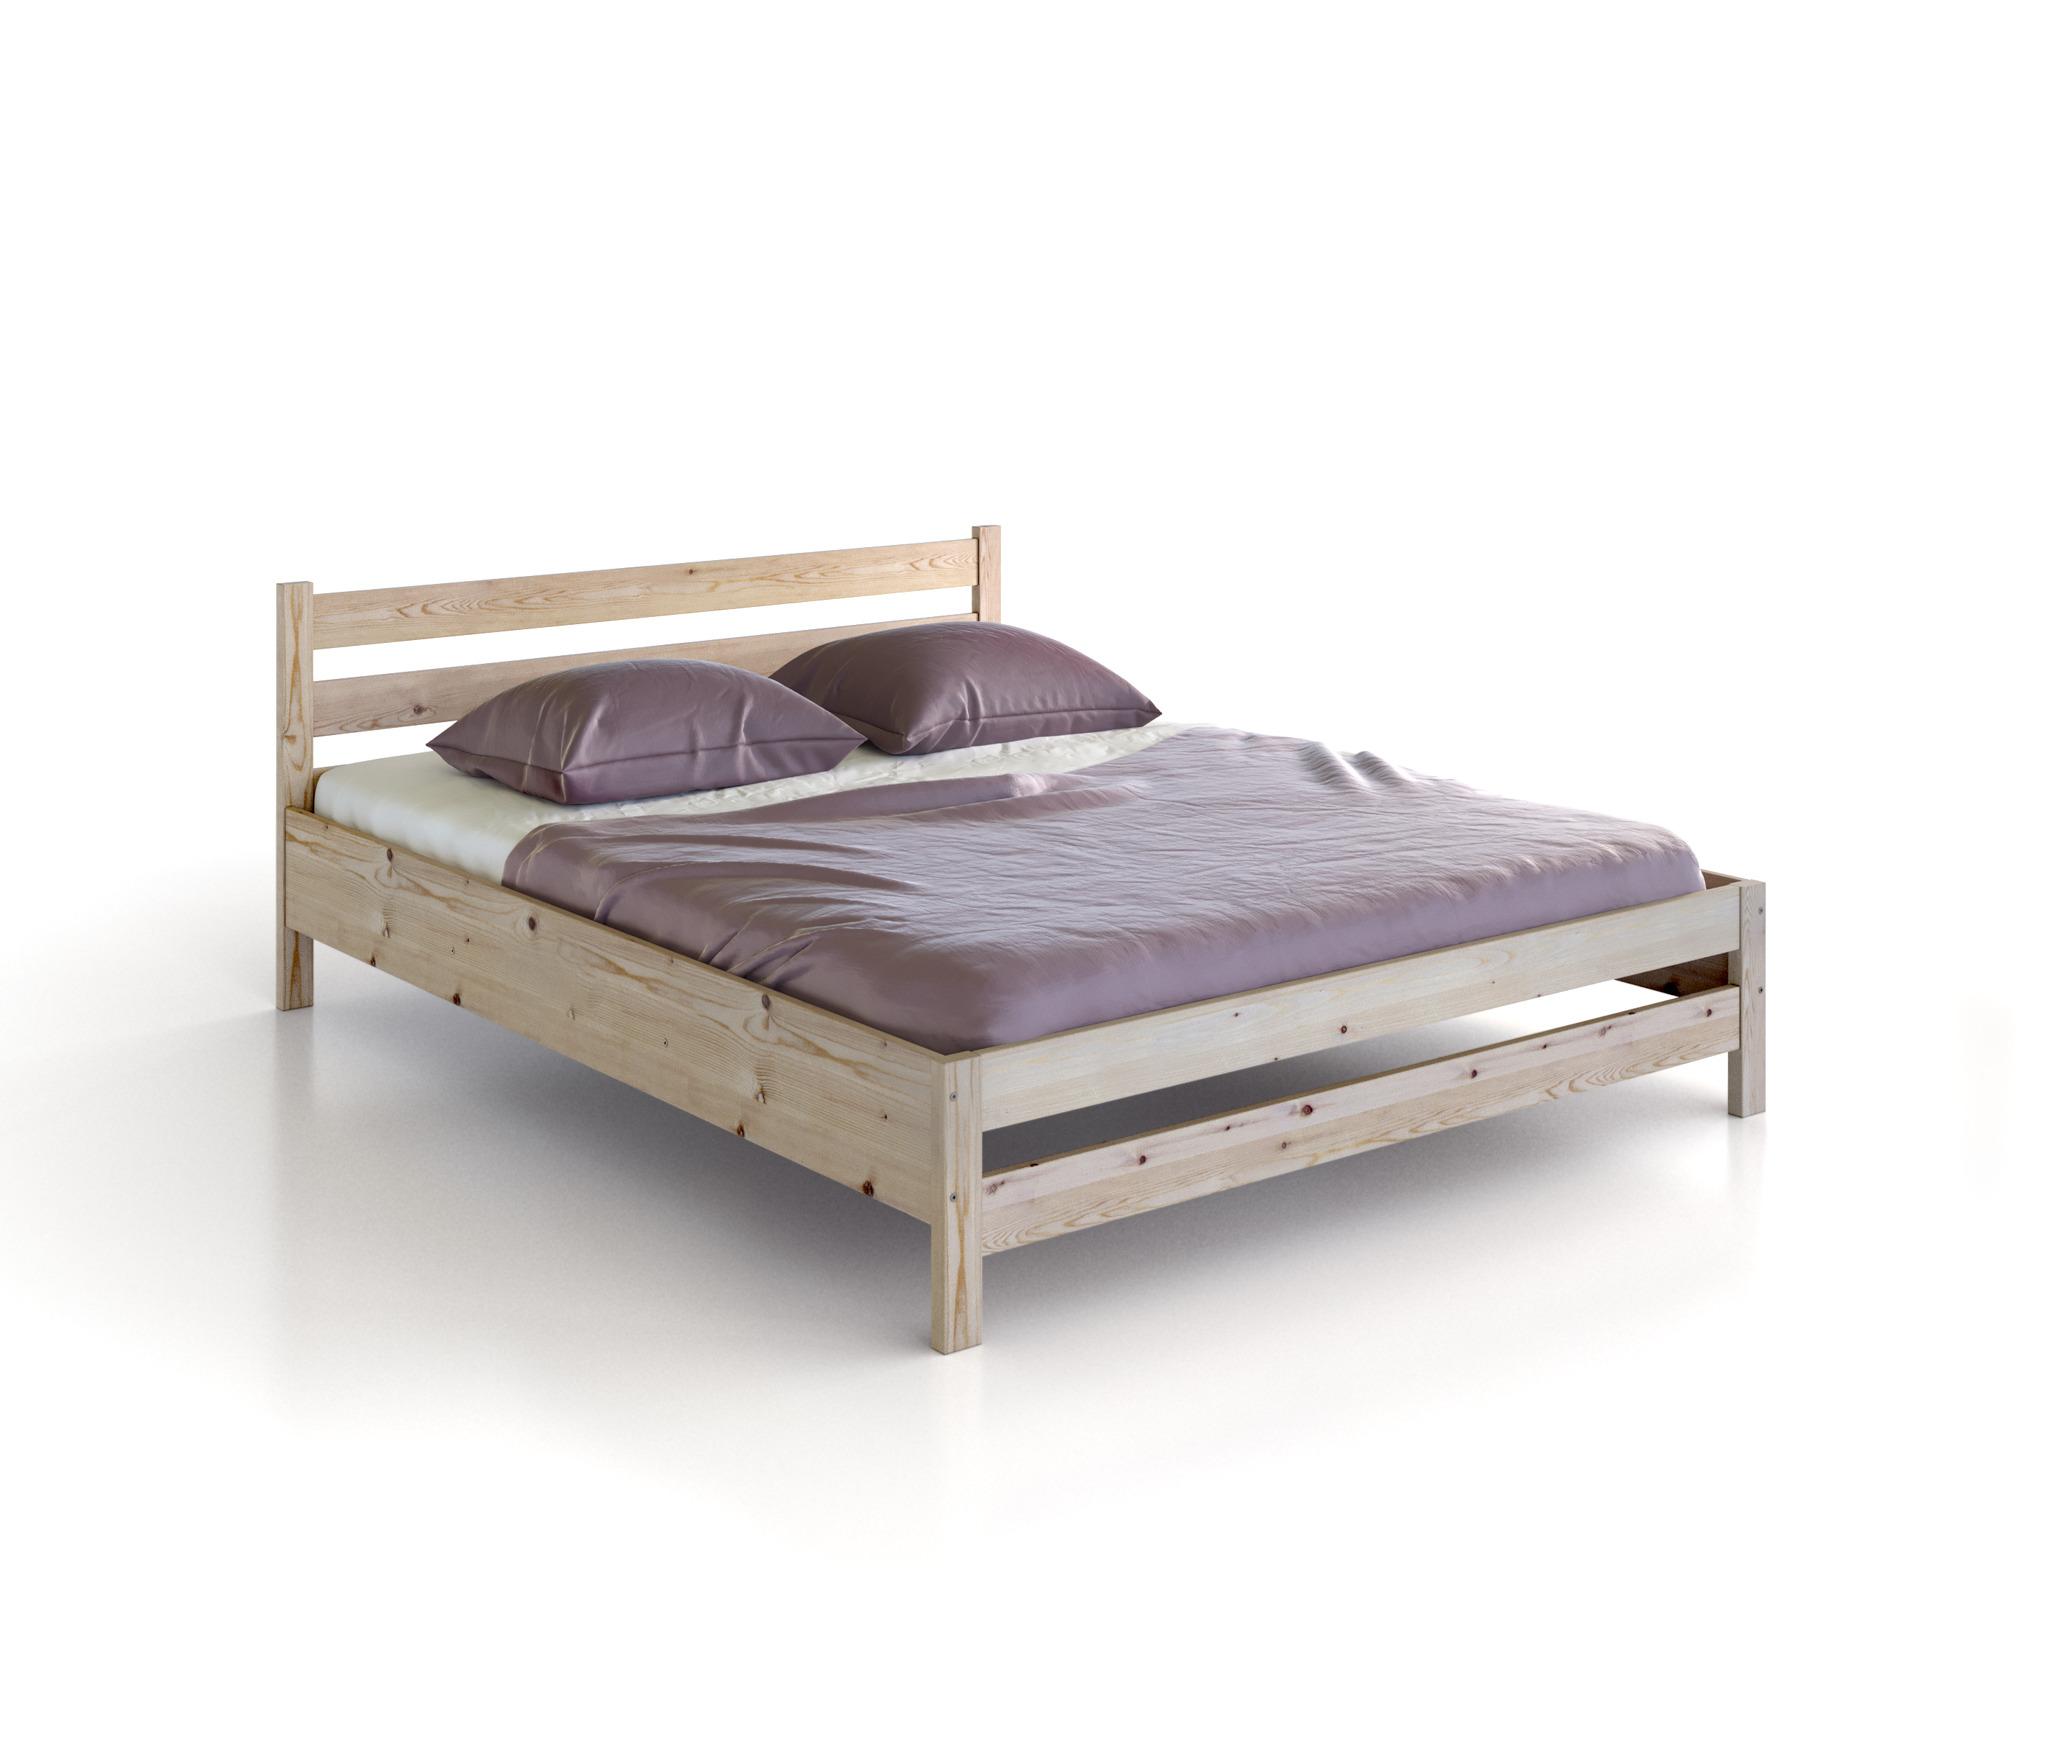 Кантри (Карелия) МС-22 кровать 2000*1600 соснаТовары для дома<br>Спальное место просторной кровати традиционной прямоугольной формы. Изголовье новой модели, в отличии от своих предшественниц, спинка оформлена горизонтально расположенными досками. Материалом для изготовления служит прочный и гибкий массив сосны. Кровать выполнена с качественной шлифовкой, что избавит Вас от необходимости дополнительной обработки древесины. Эта кровать идеально подходит для светлых, просторных спален, в экологическом стиле оформленных дачных и домашних интерьеров. Дизайн соответствует сдержанному и натуралистичному интерьеру кантри, незатейливой обстановке  сельских  стилей..&#13;ВНИМАНИЕ! Перед началом эксплуатации вне помещений, необходимо обработать деревянные части мебели специализированными защитными составами. &#13;Дополнительно рекомендуем приобрести: Основание под матрас МС-22/1 и Матрас 1600 х 2000 мм.&#13;]]&gt;<br><br>Длина мм: 1646<br>Высота мм: 775<br>Глубина мм: 2060